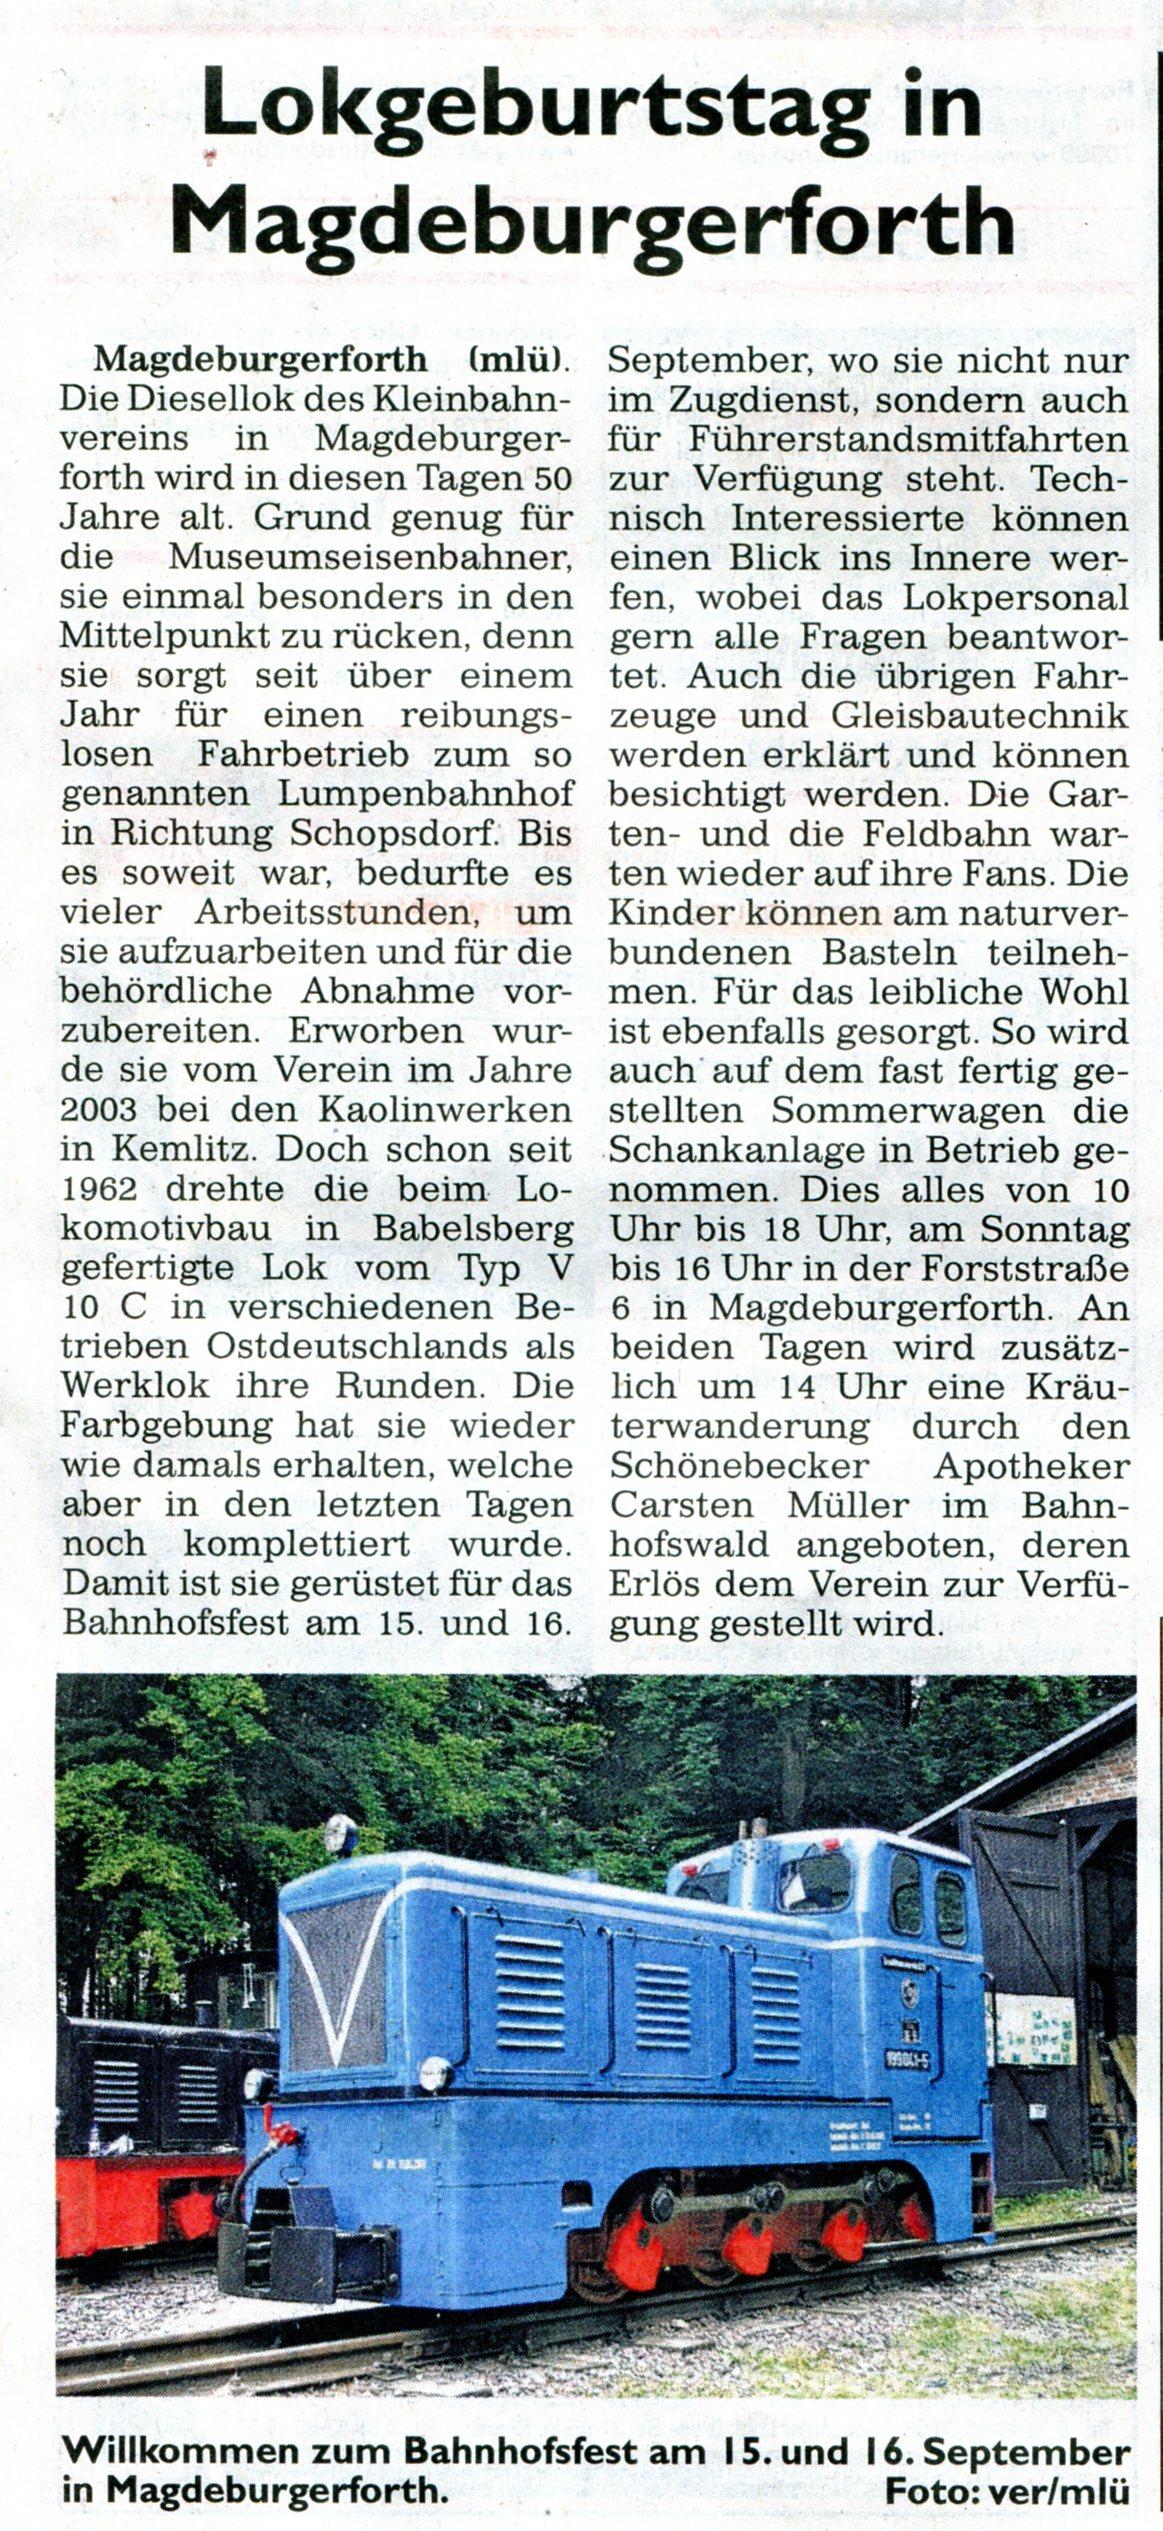 (Generalanzeiger 12.09.2012)